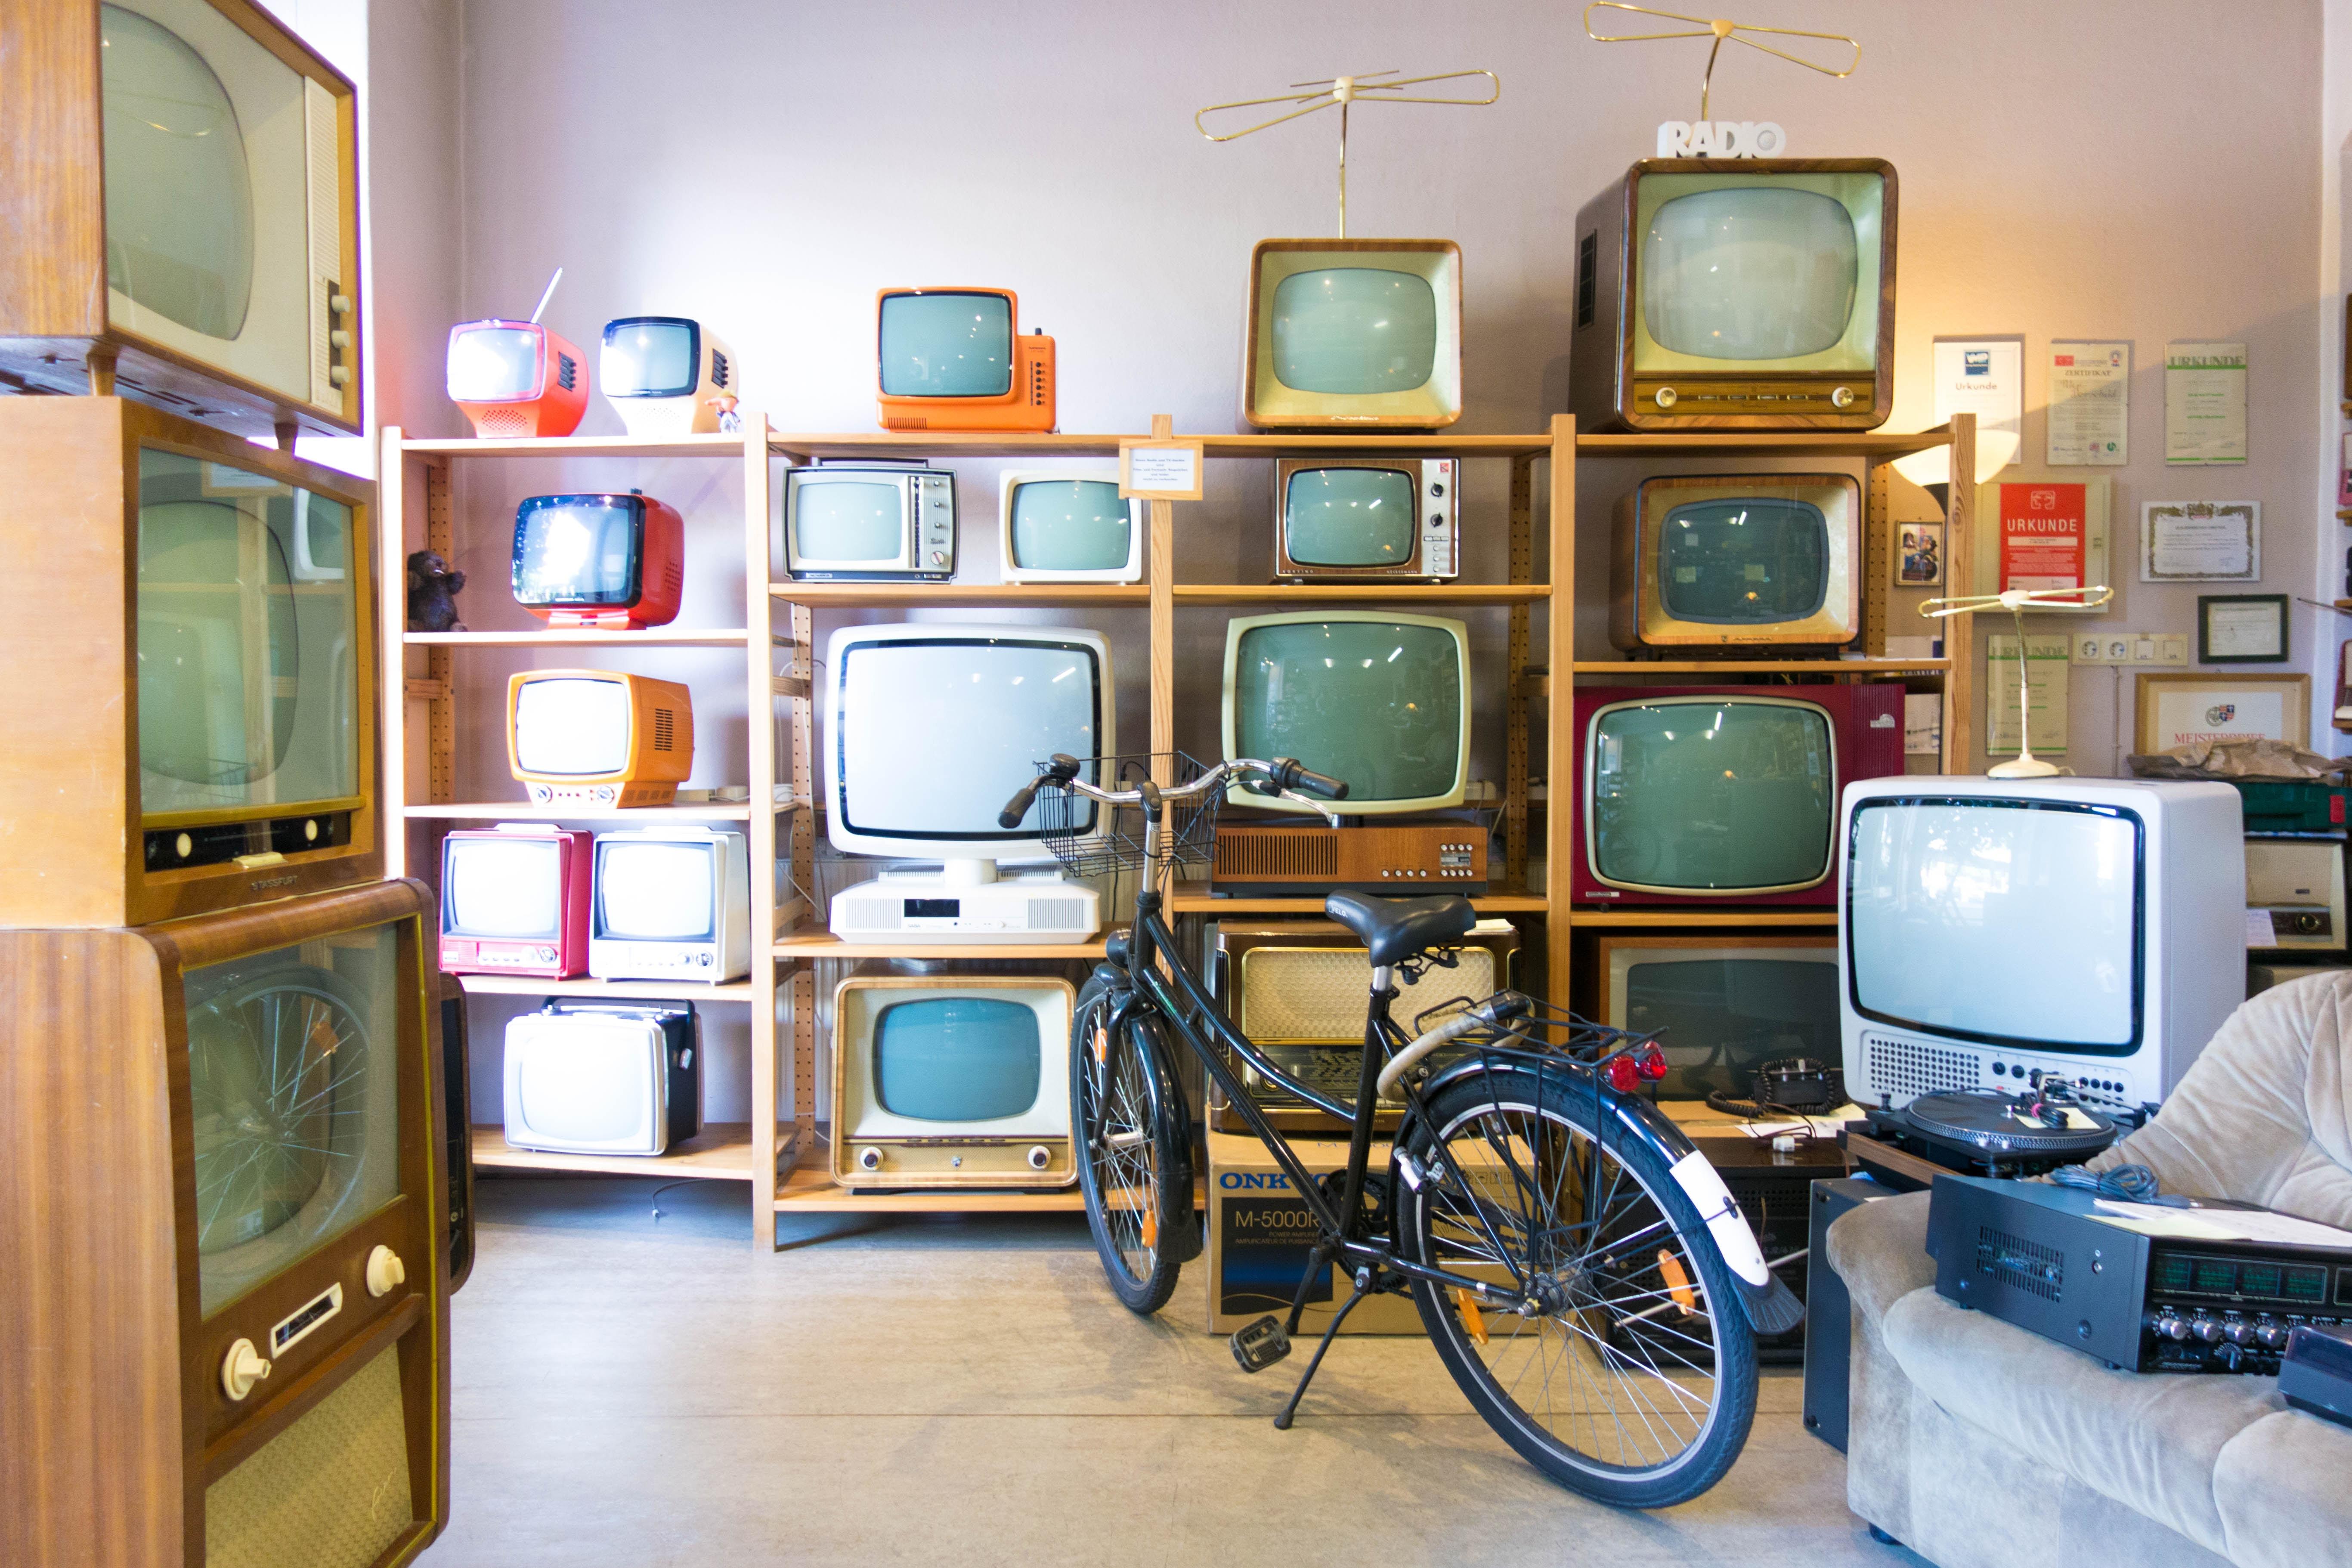 Kun televisio tuli meille